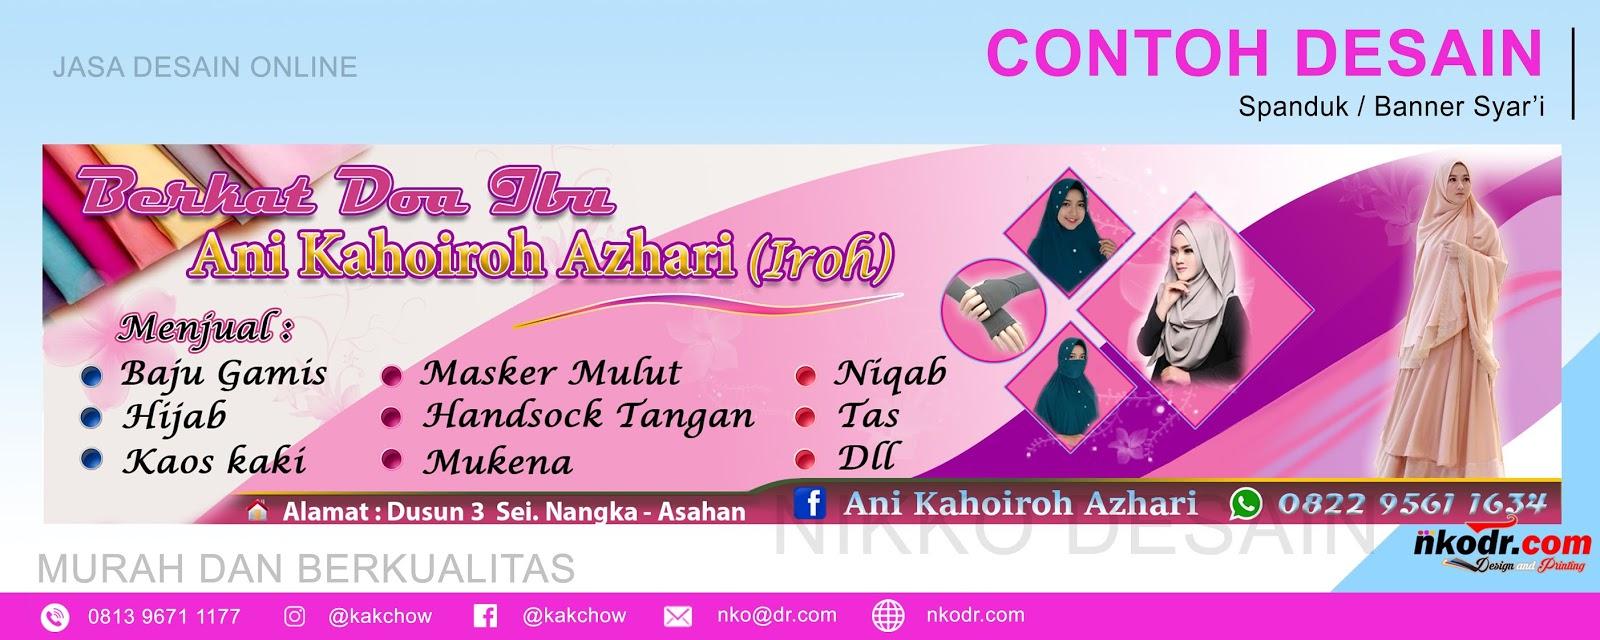 25+ Best Looking For Contoh Desain Spanduk Toko Hijab ...